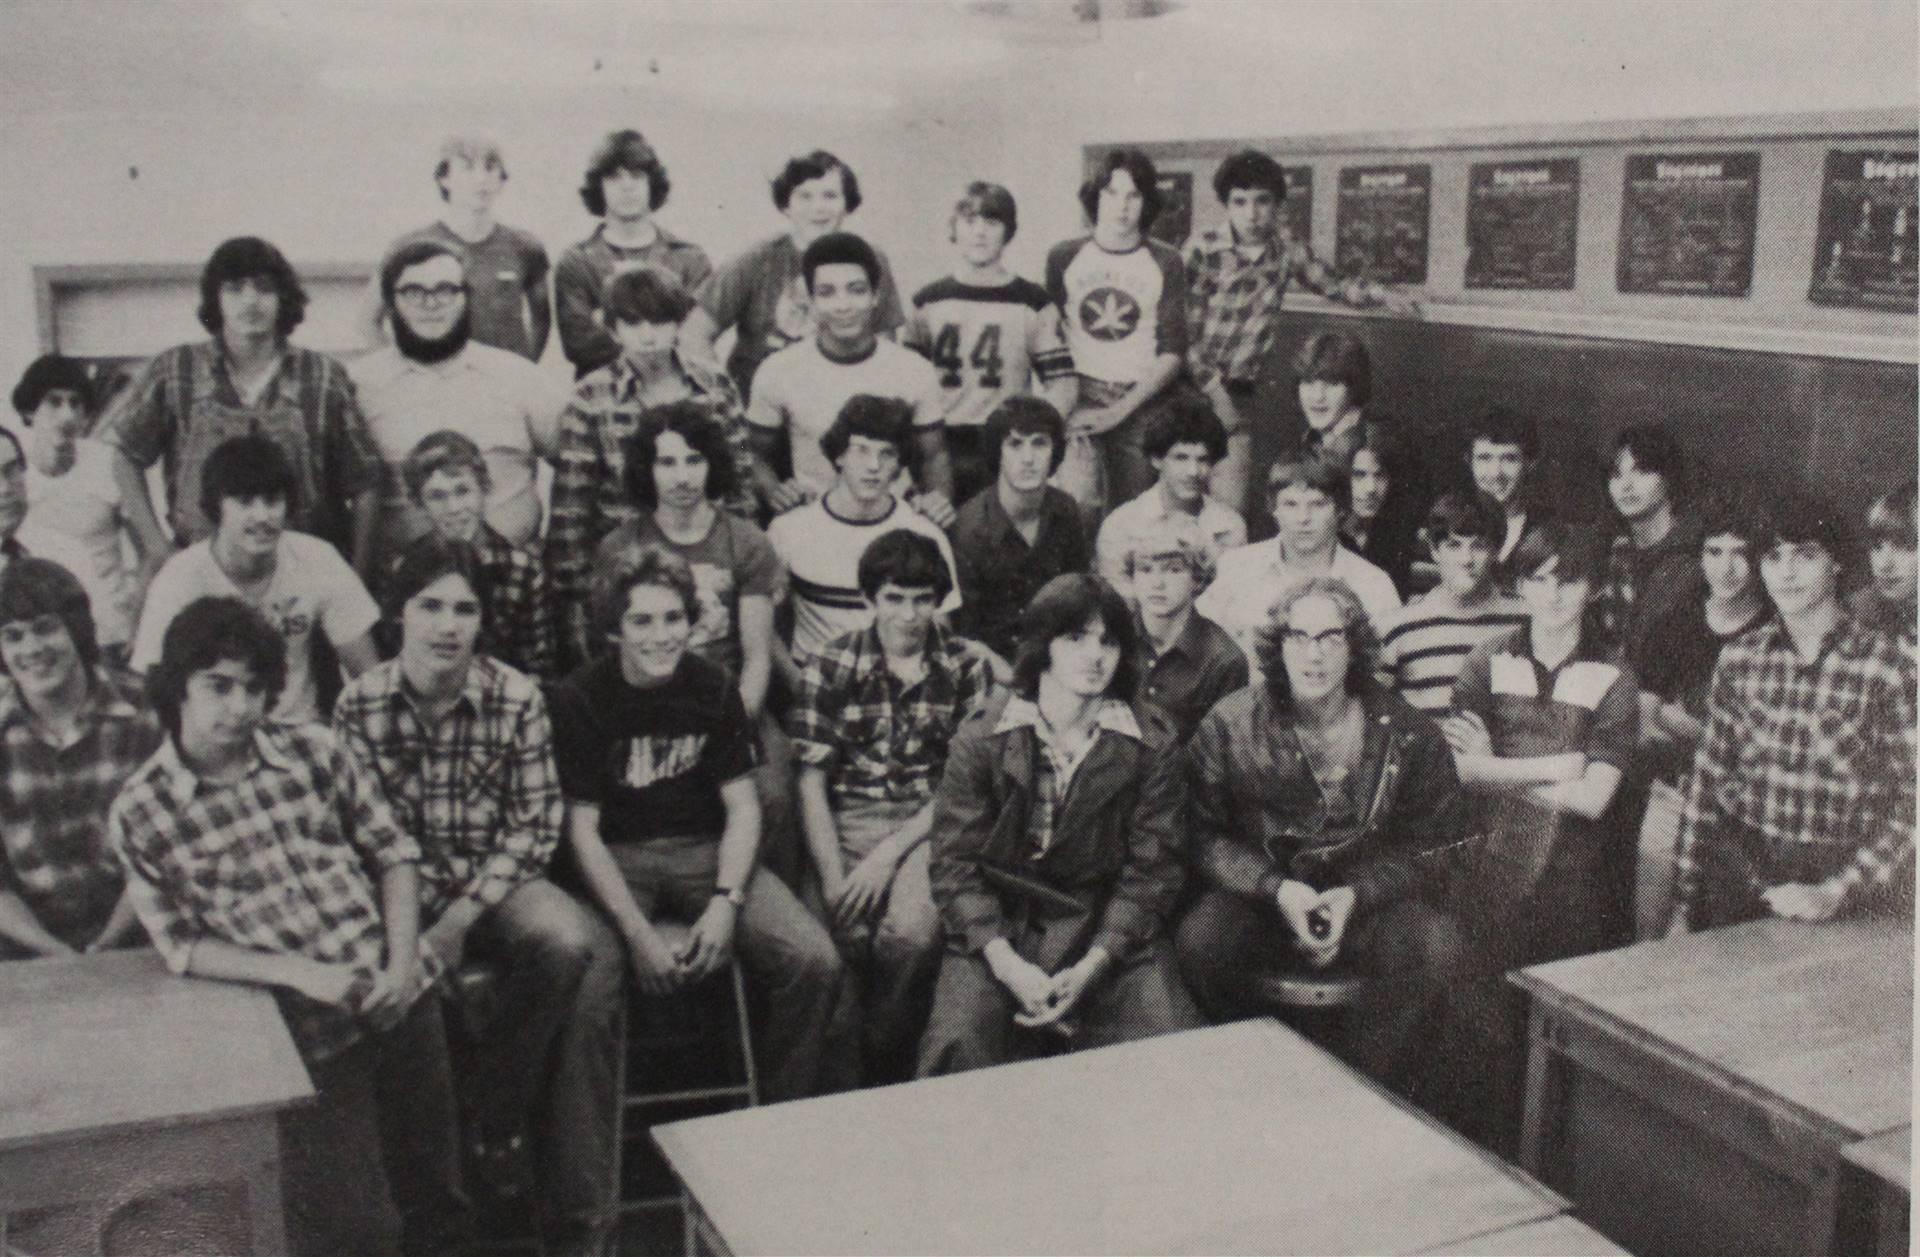 1979 Industrial Arts